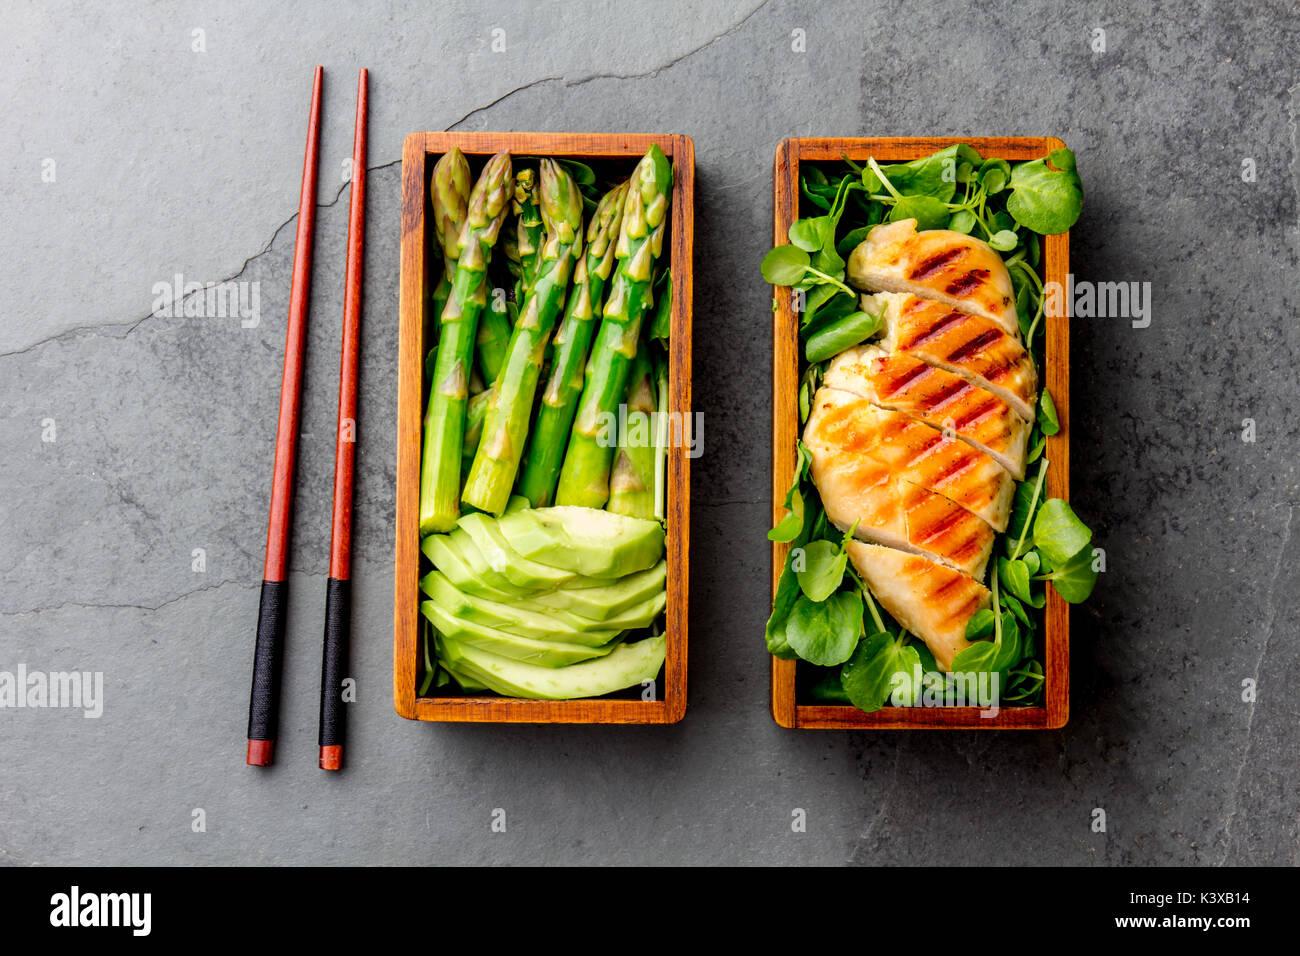 Un sano pranzo in giapponese in legno scatola di Bento. Equilibrato il cibo sano chucken grigliate e avocado con asparagi e insalata verde. Vista superiore, grigio ardesia bac Immagini Stock